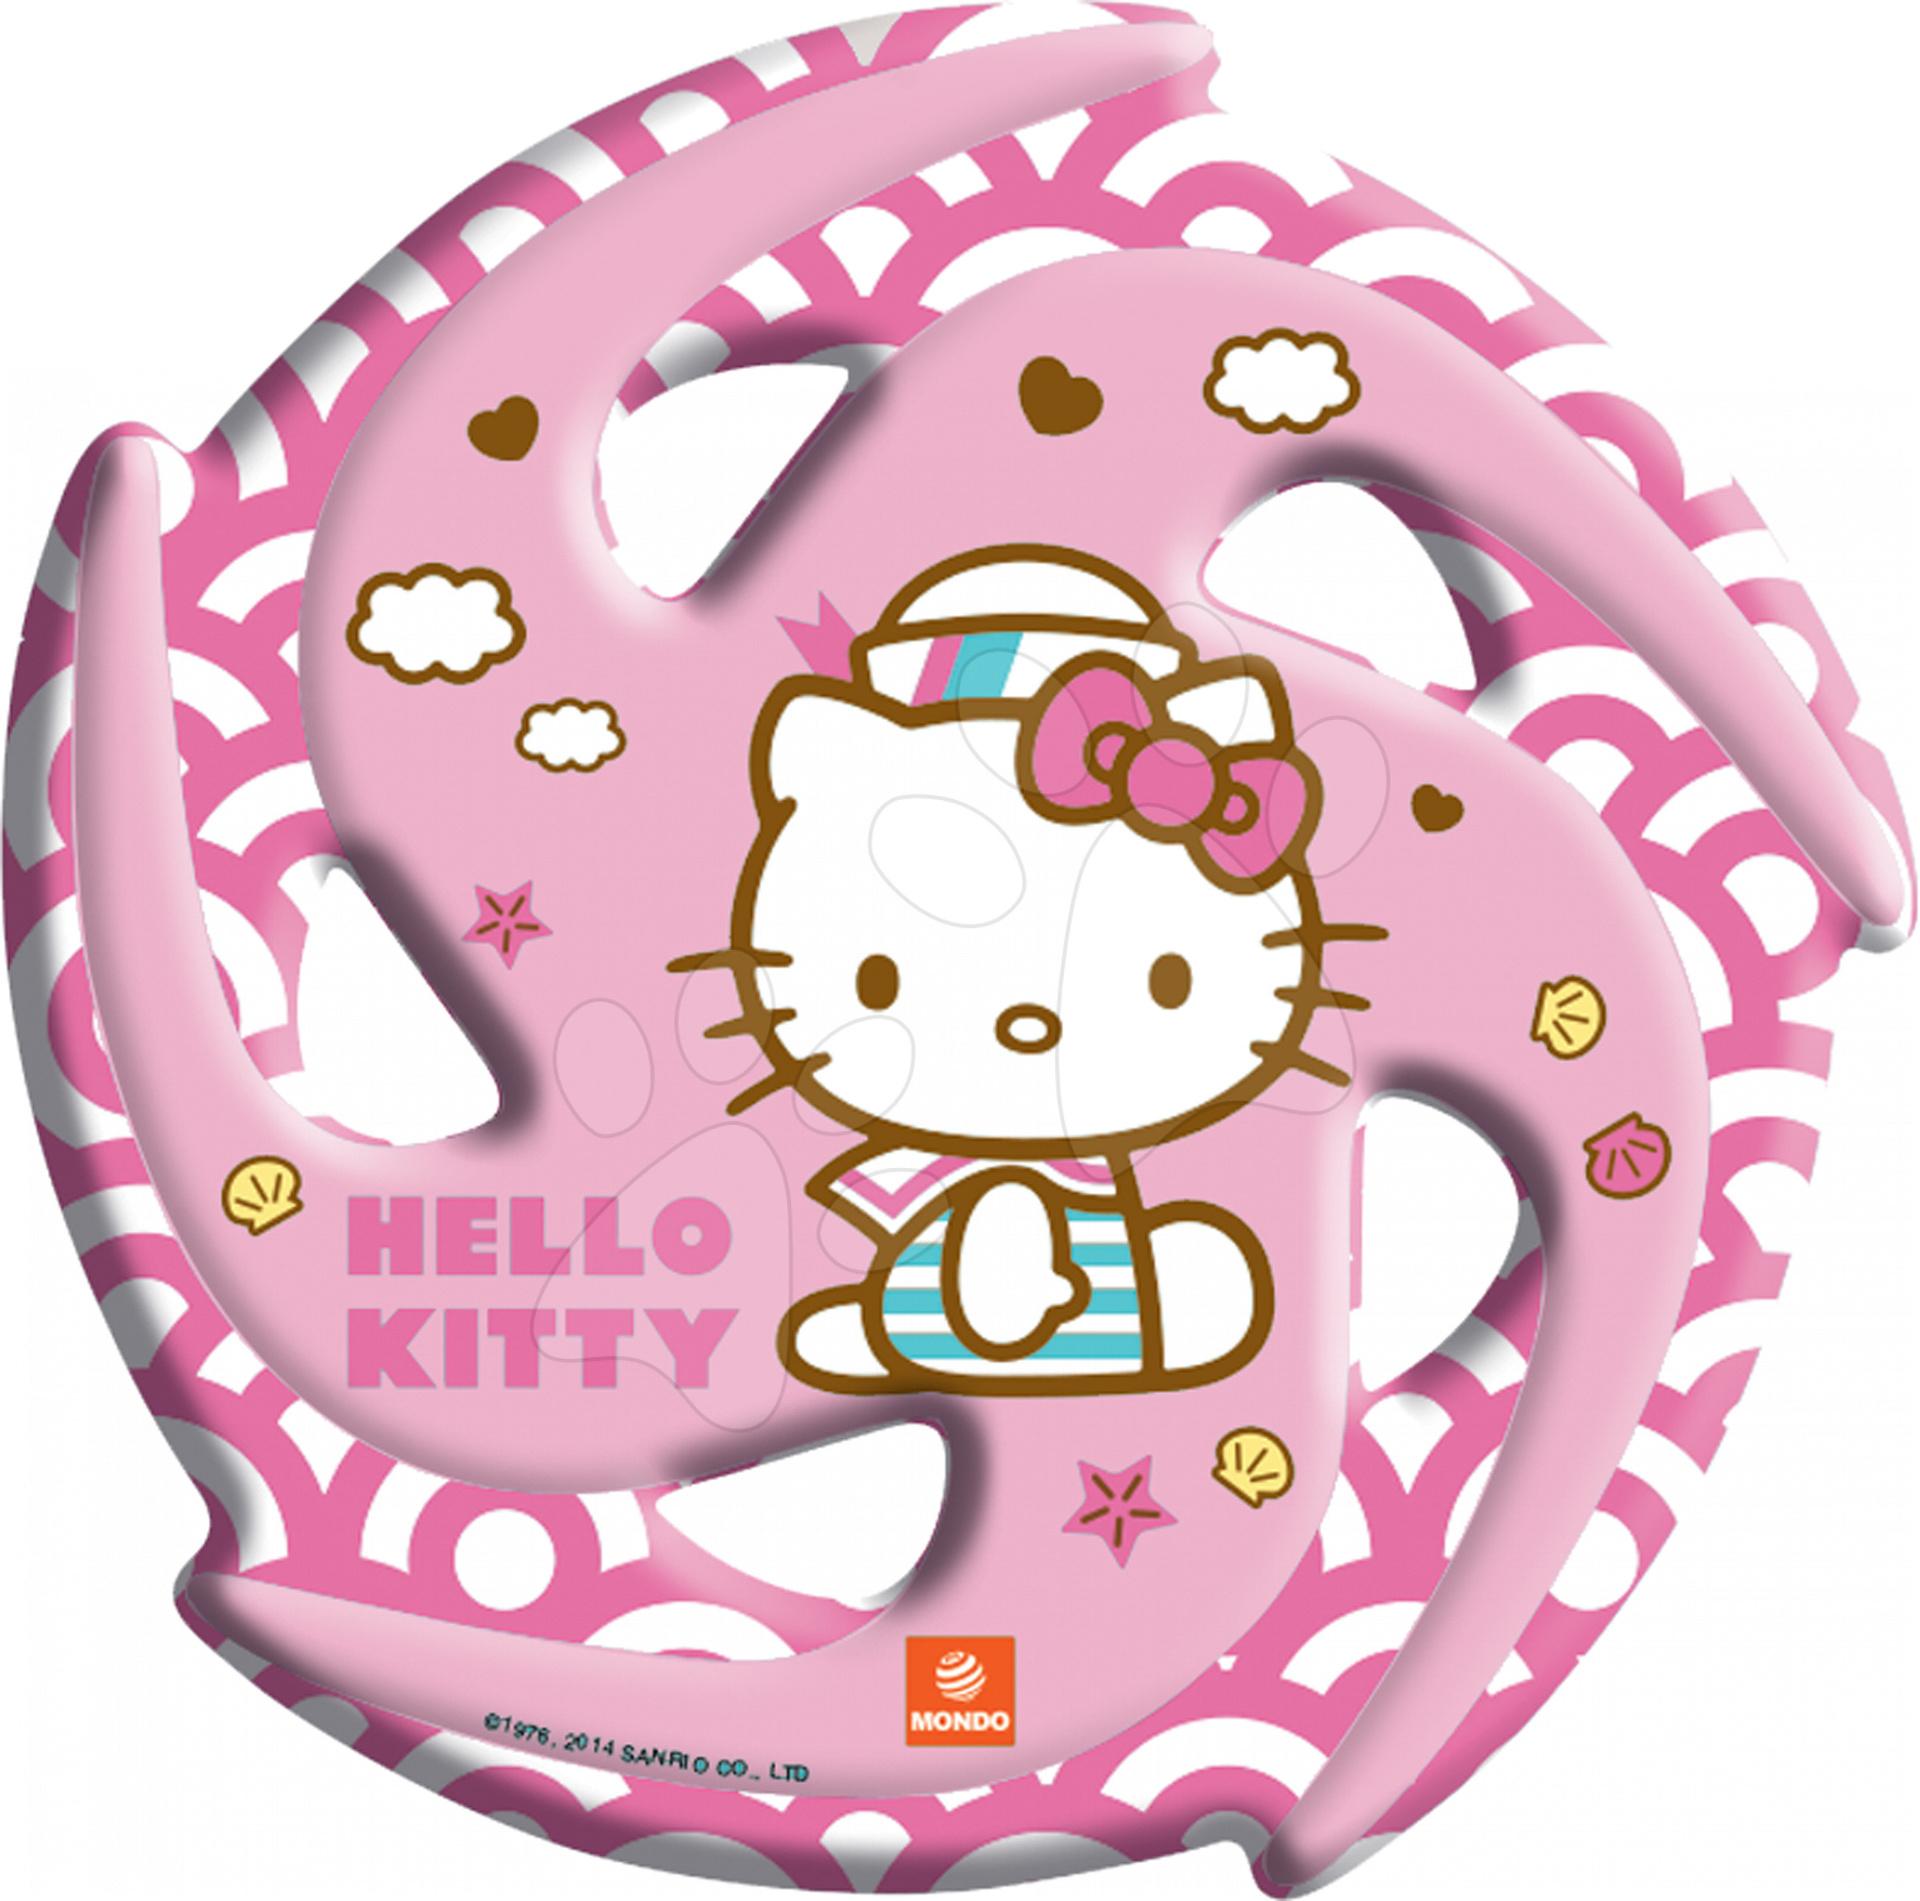 Létající talíř Hello Kitty Mondo průměr 21 cm